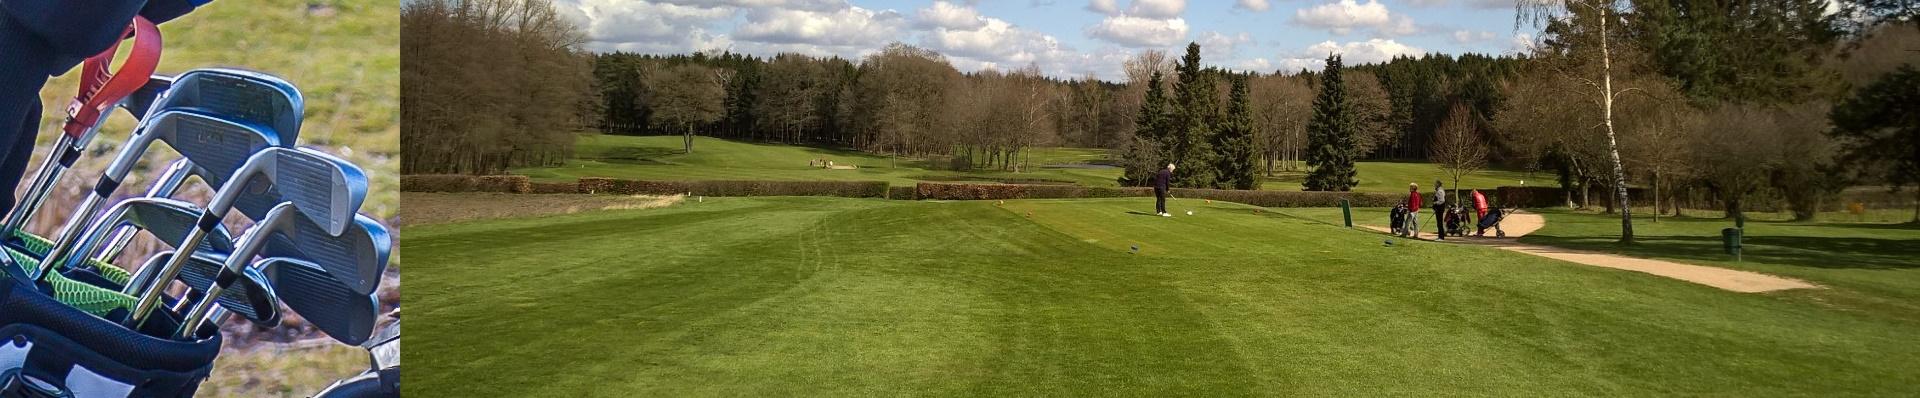 Golfplatzwege bauen